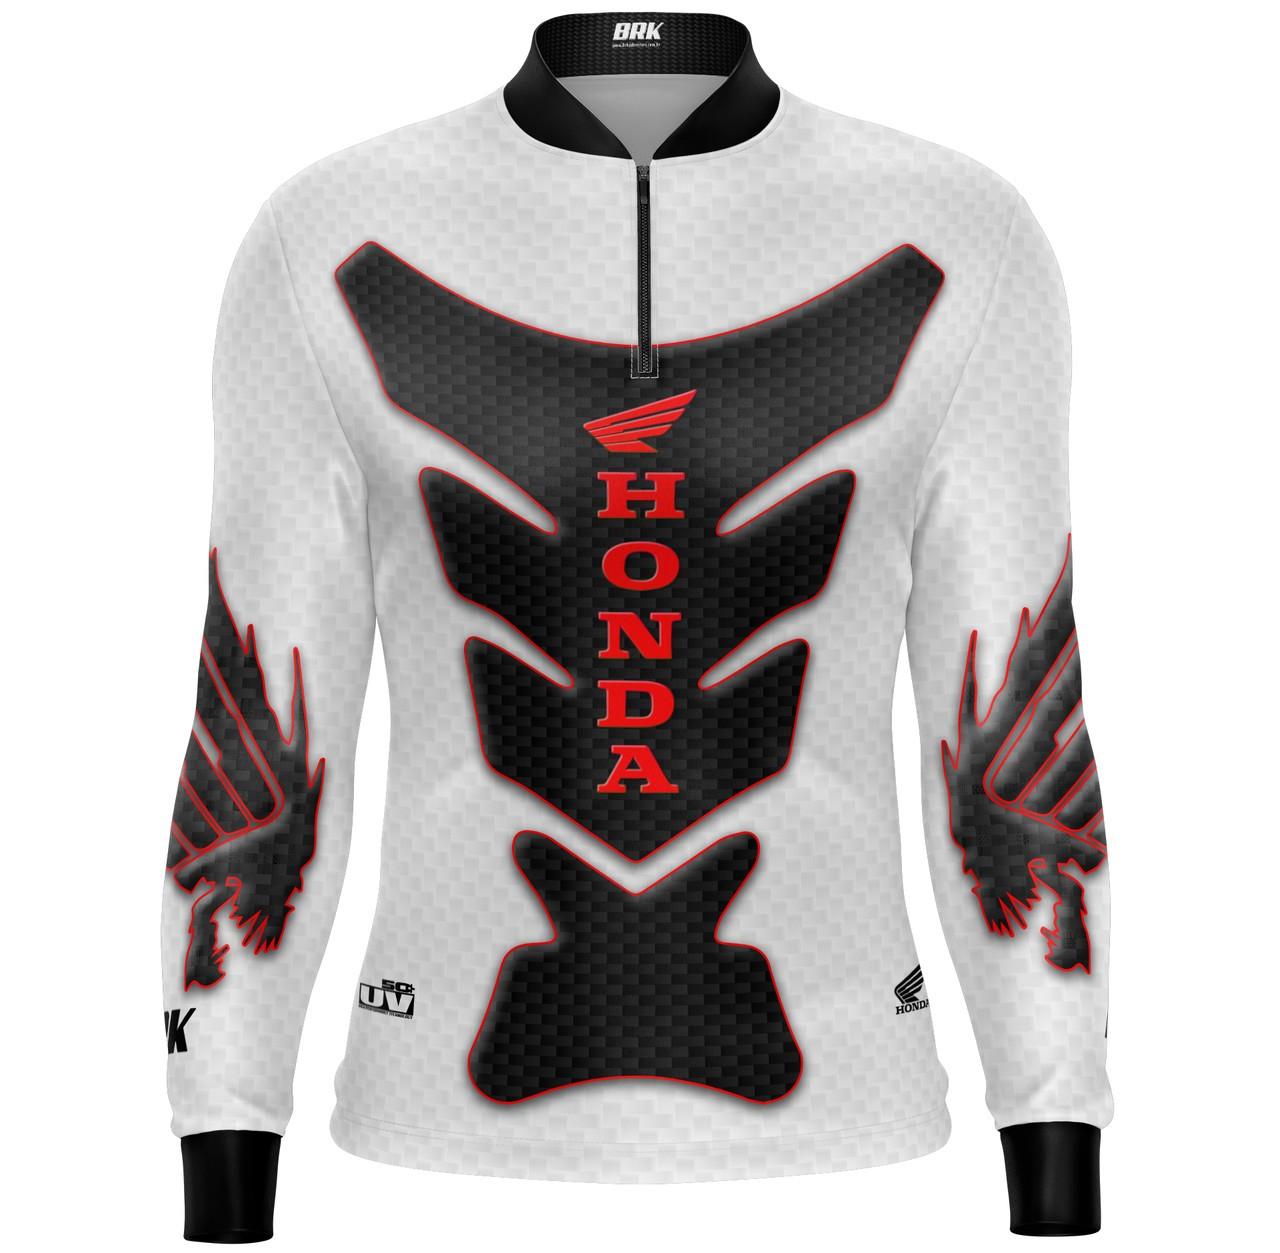 Camiseta Brk Motociclismo Honda Cb1000r Com Fpu +50